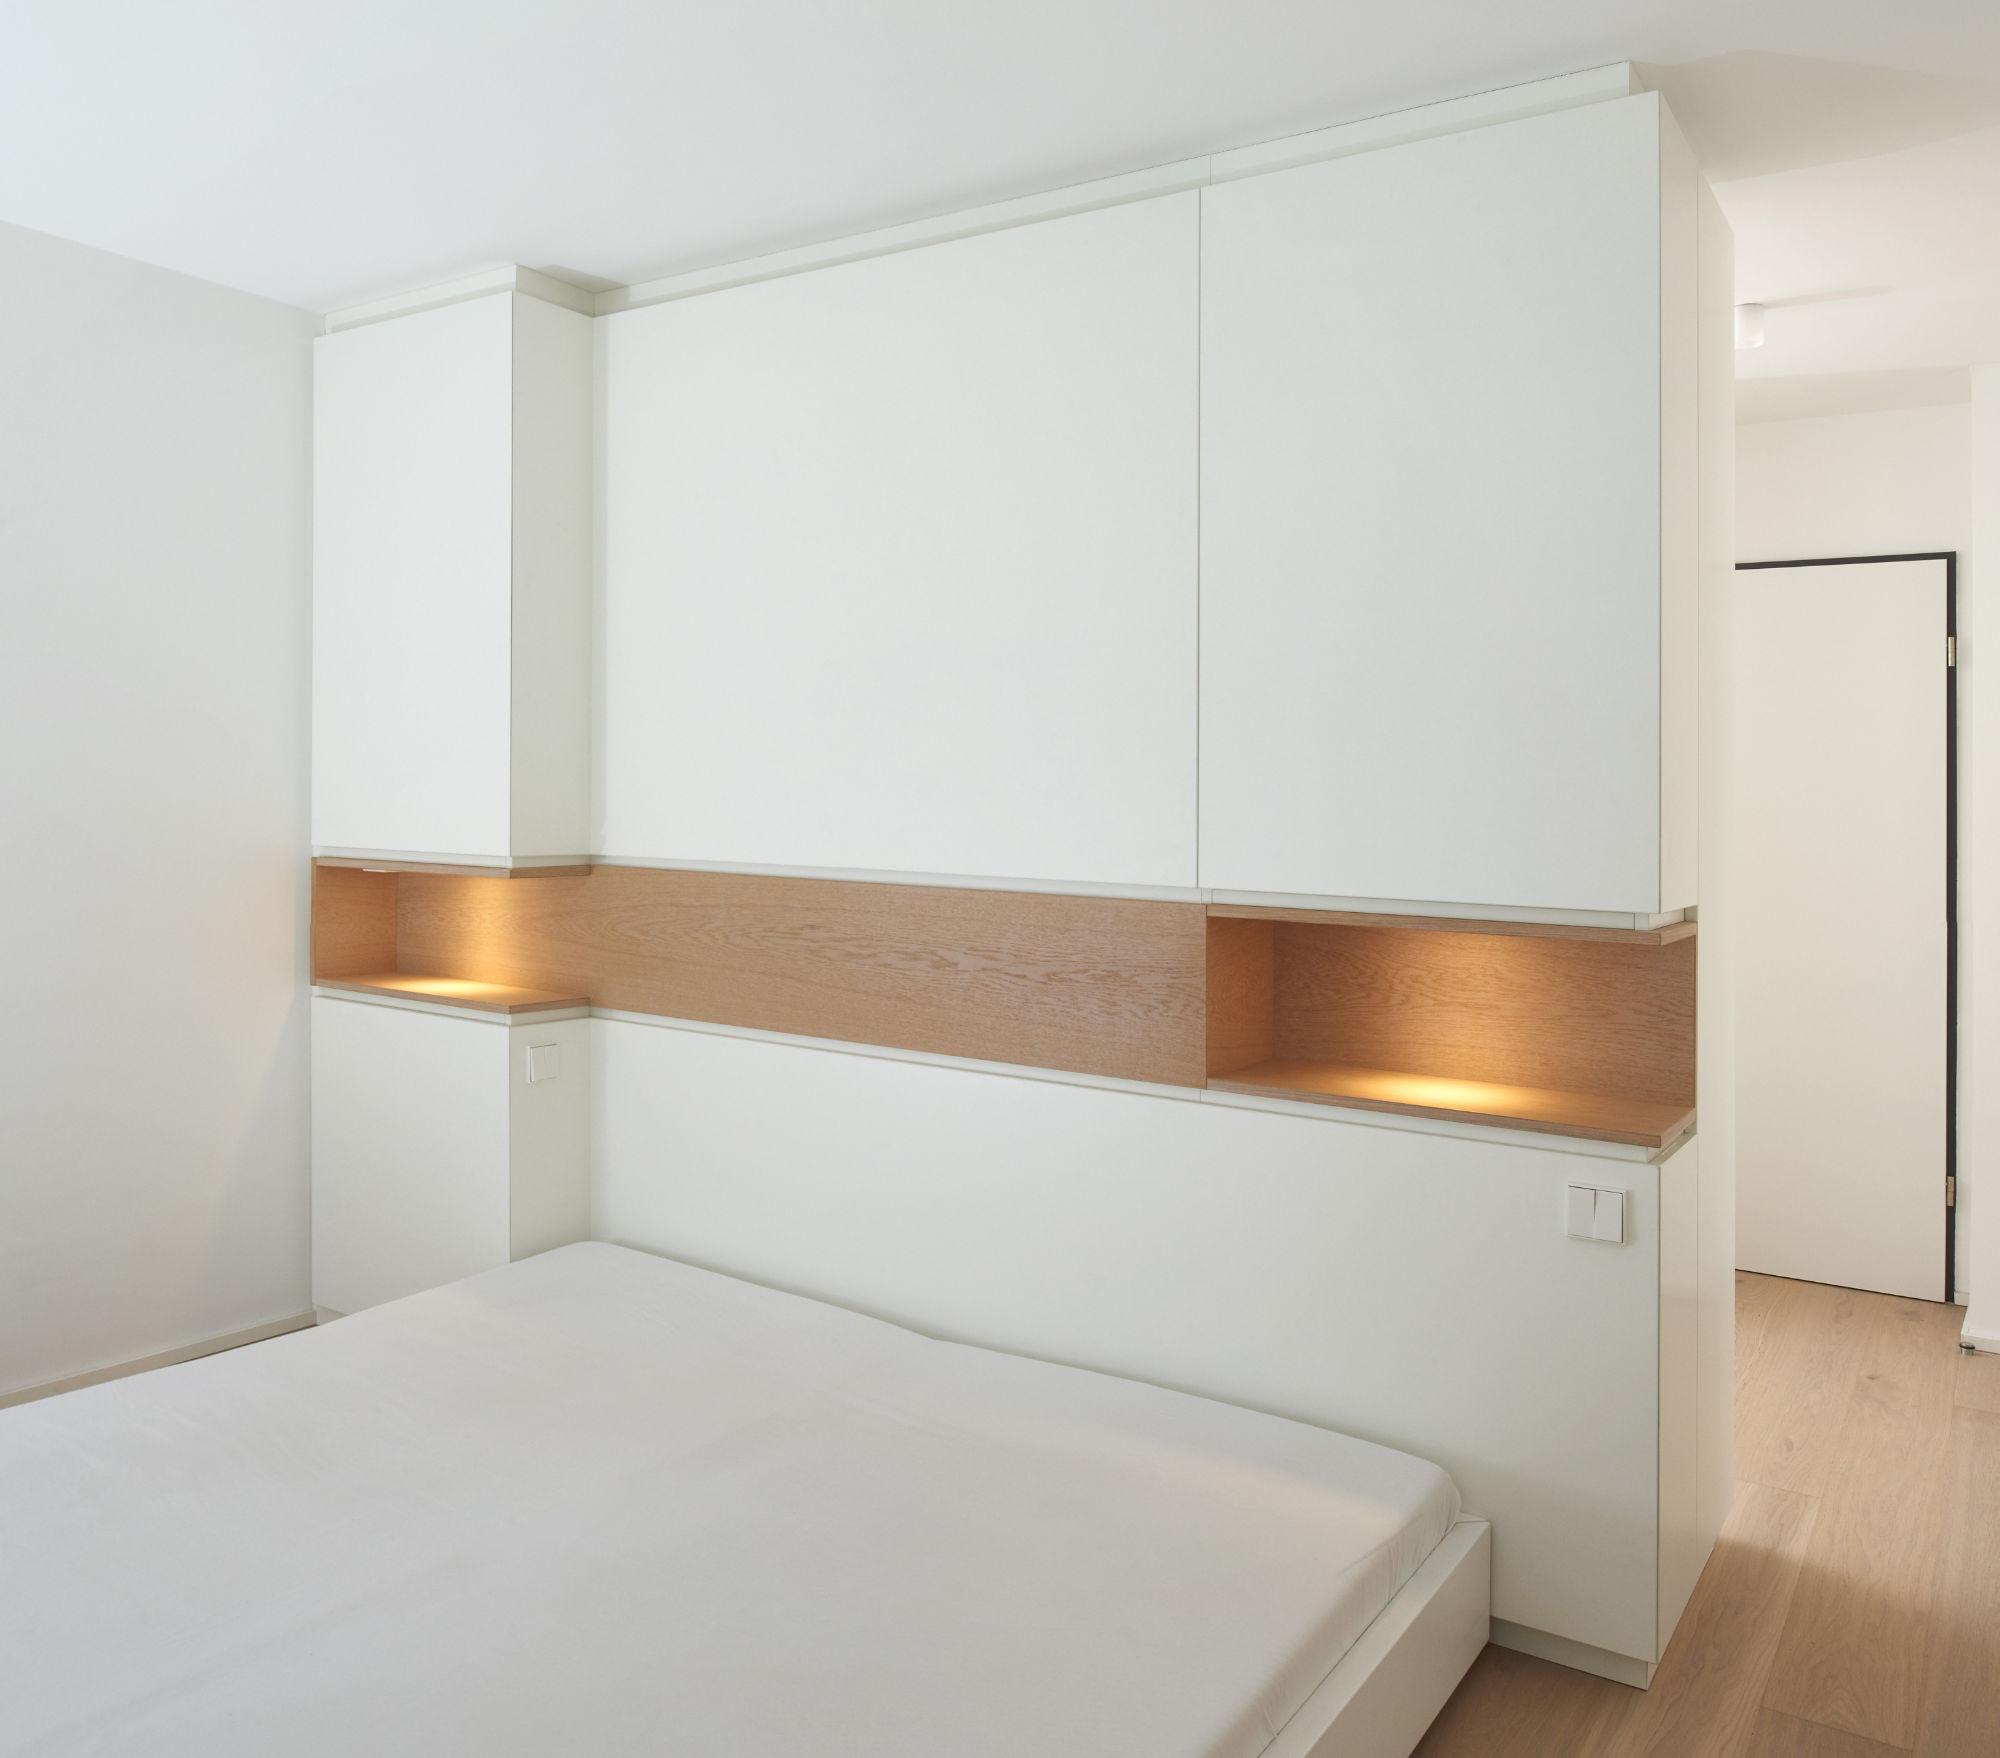 Schlafzimmer Raumteiler | Trennen Losung Wohn Wohnzimmer Ideen ...